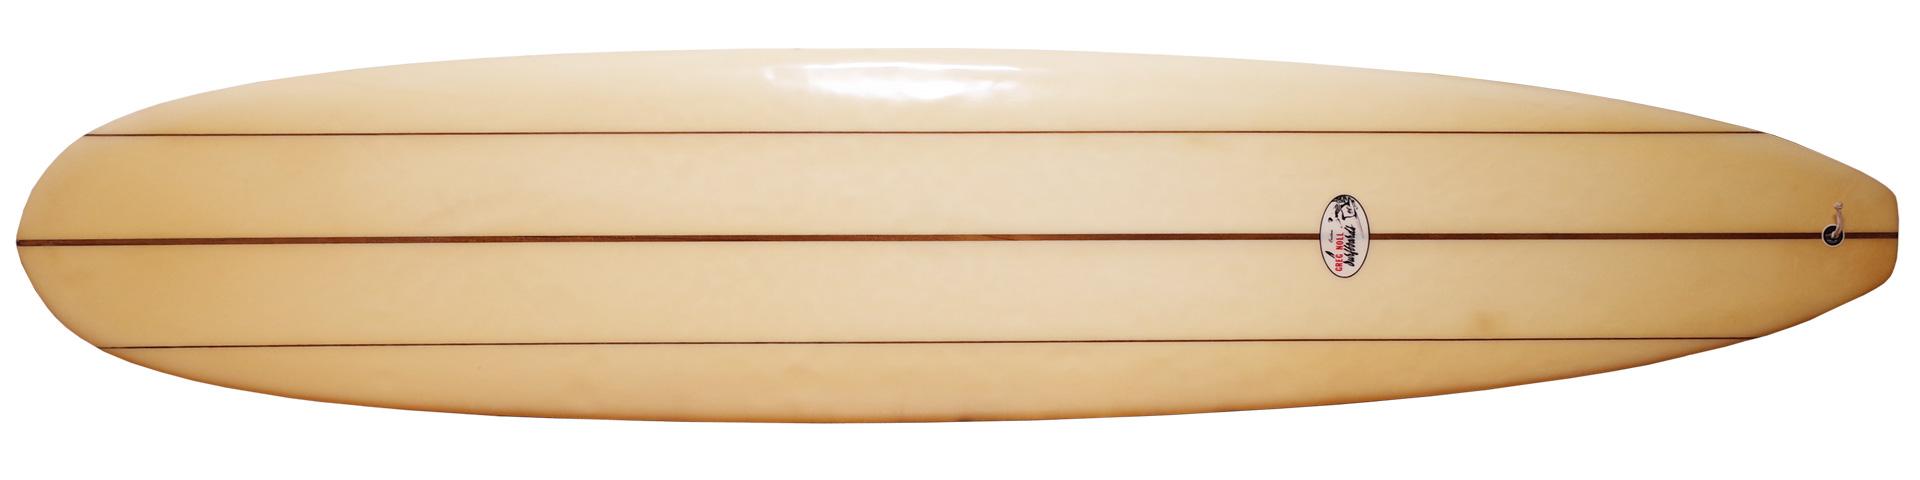 3ストリンガーロングボード